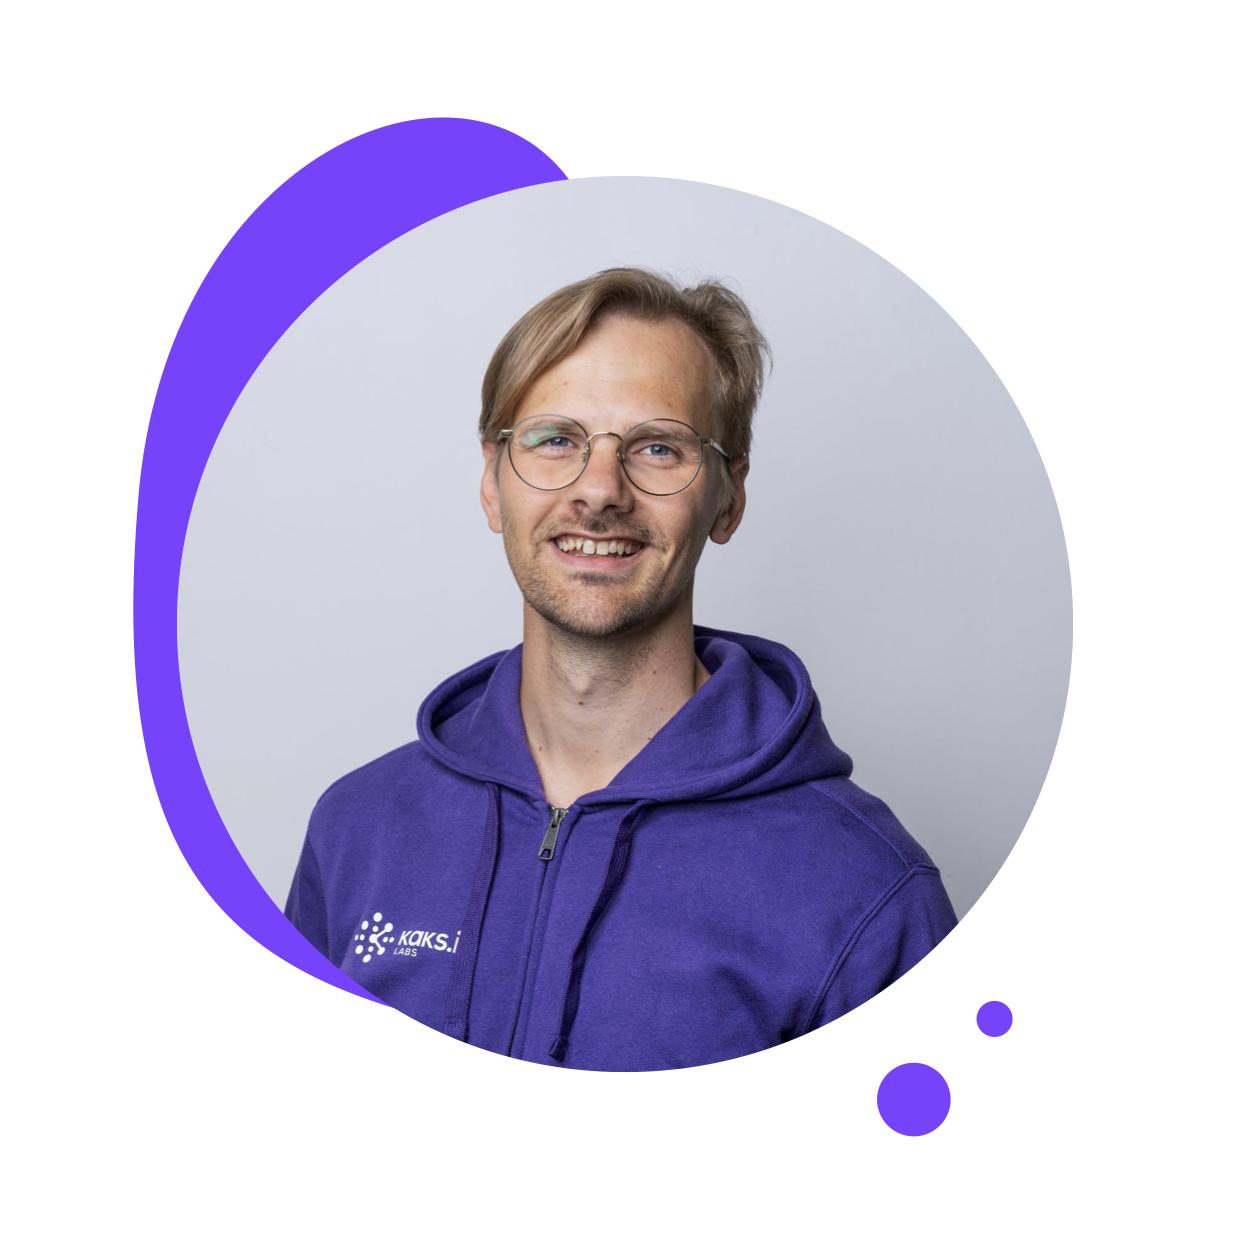 Janne Haonperä, Kaks.io Labs